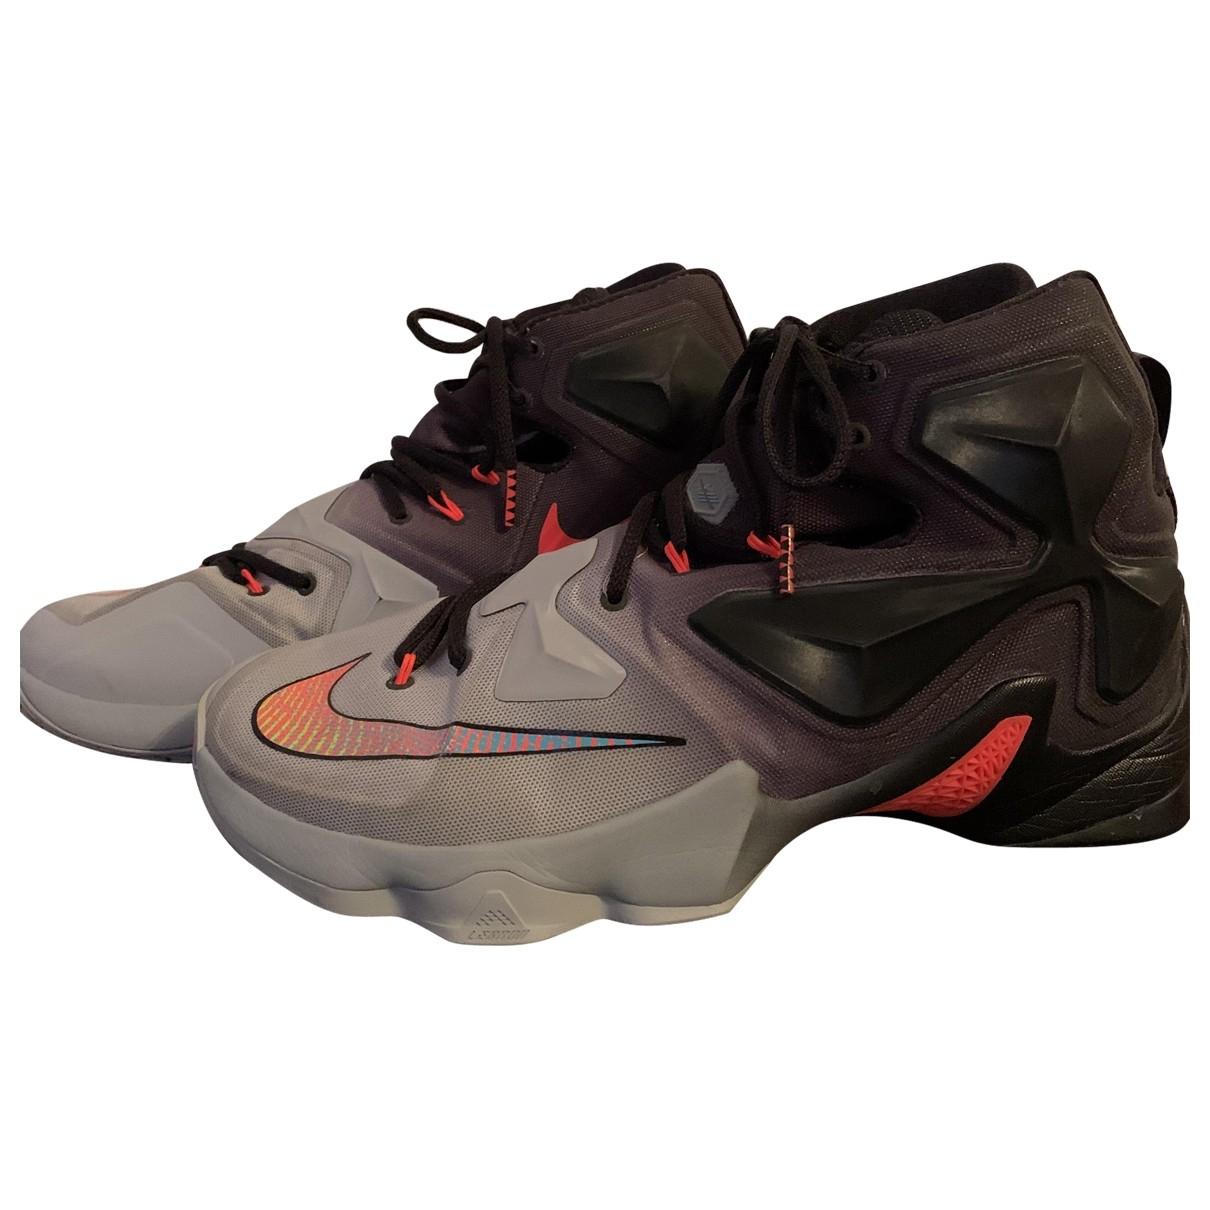 Nike Lebron X Kith - Baskets   pour homme en caoutchouc - multicolore